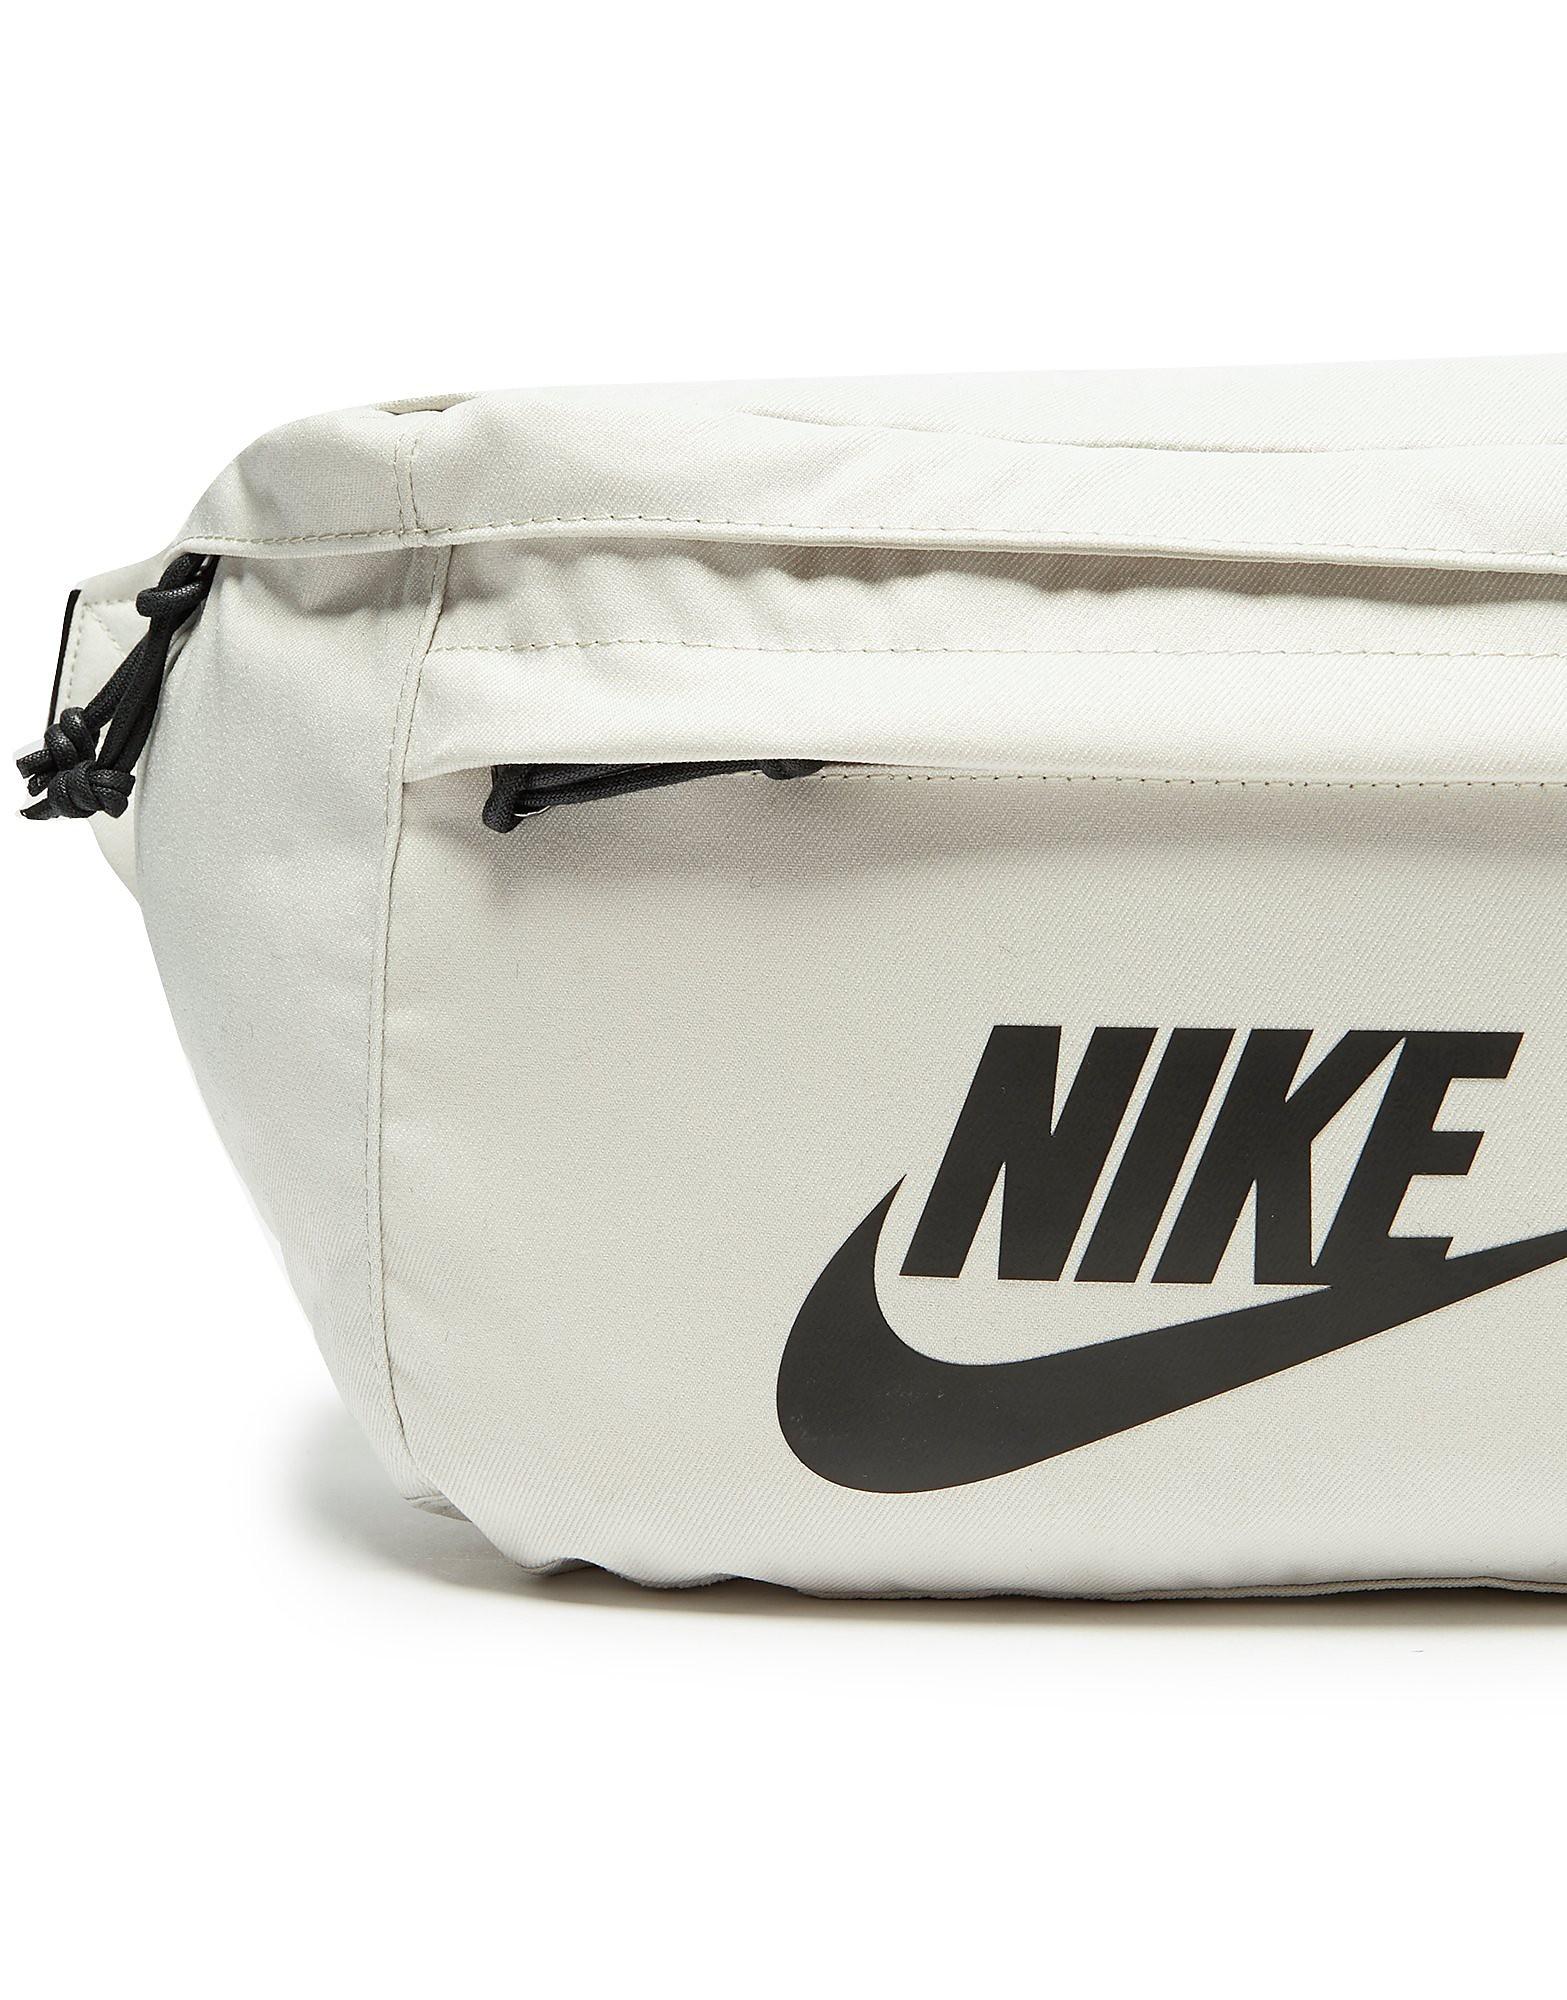 """Nike Sac """"Banane"""" Tech Waist"""